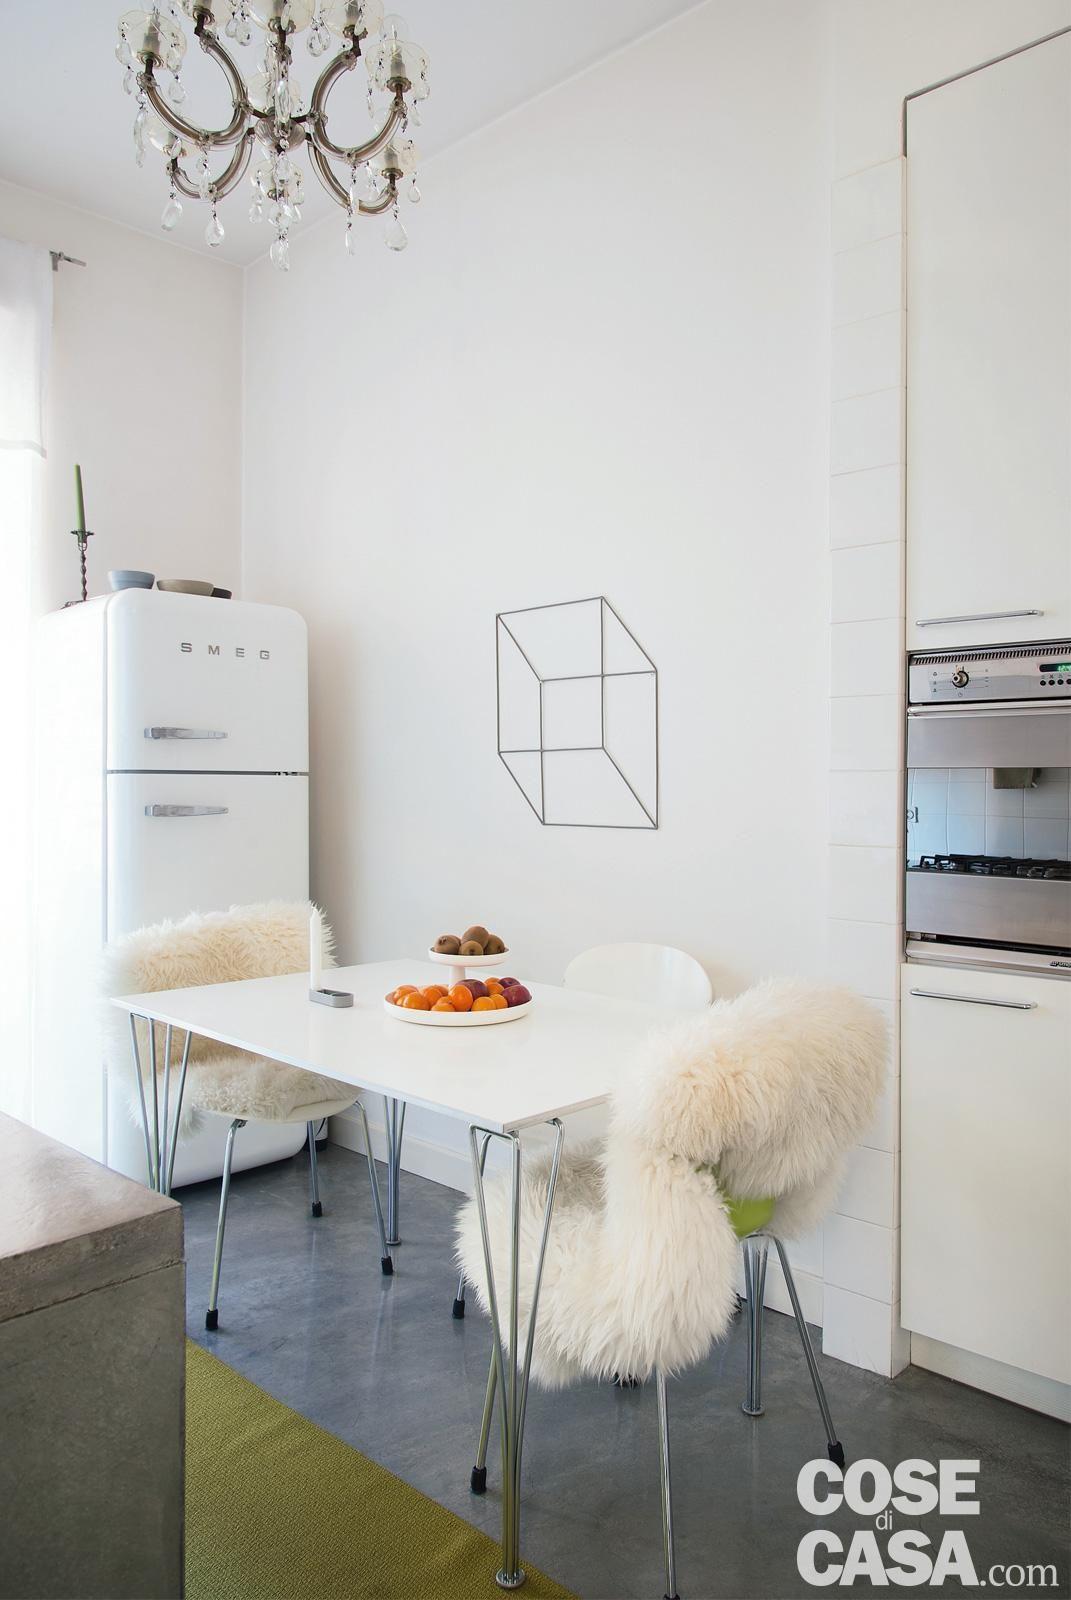 89 mq arredati con pezzi iconici del design | arredamenti interni ...